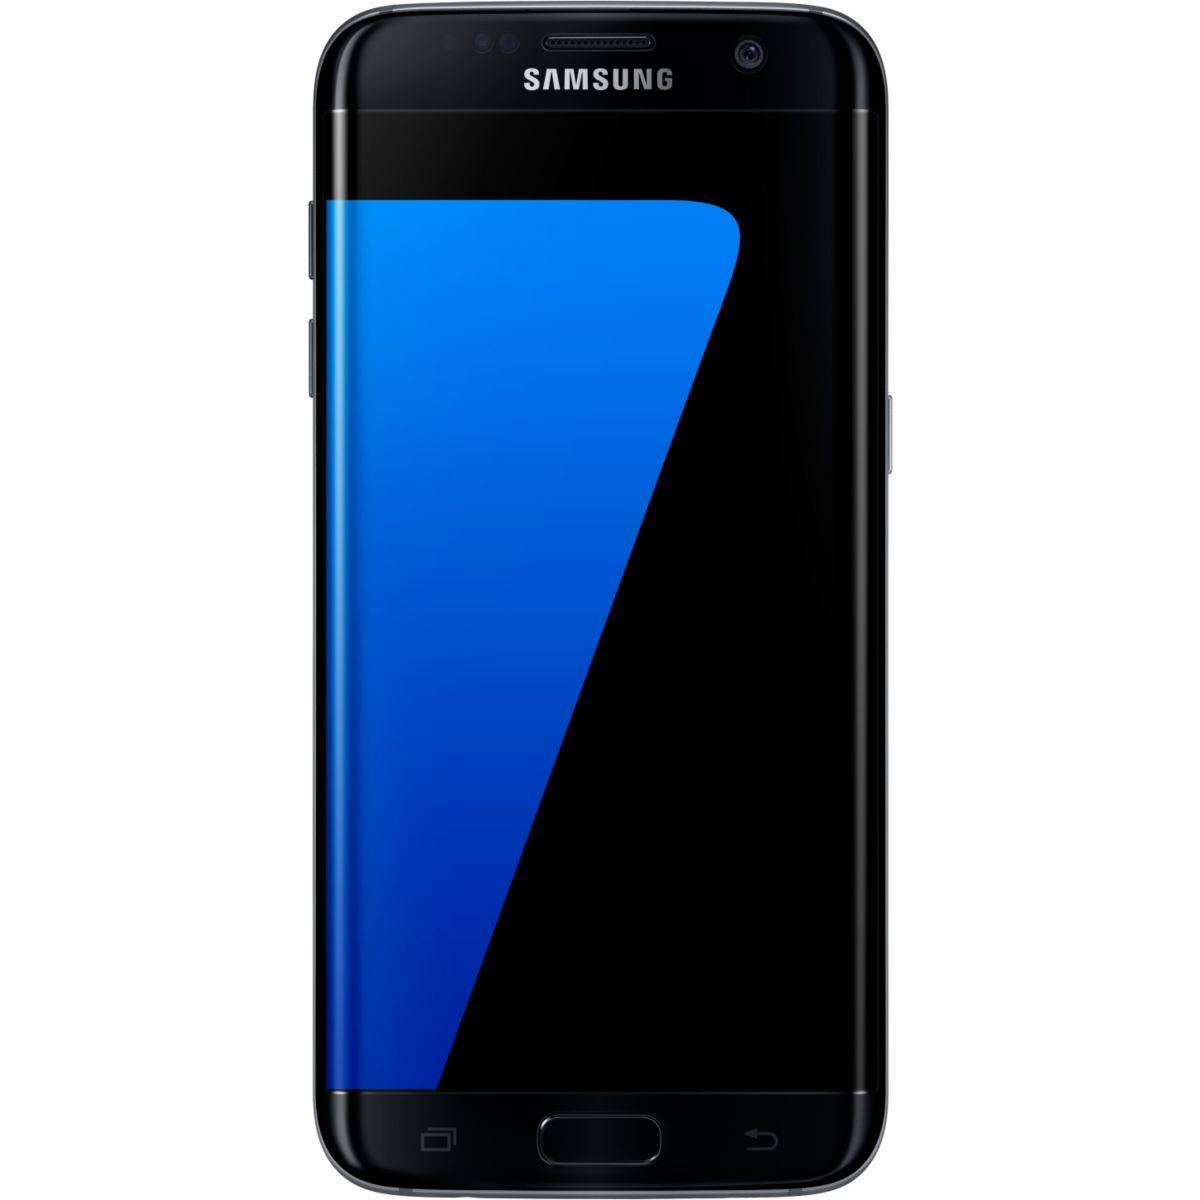 Pack promo smartphone samsung galaxy s7 edge noir 32 go + chargeur à induction samsung pad induction stand noir s6-s7 - soldes et bonnes affaires à pr